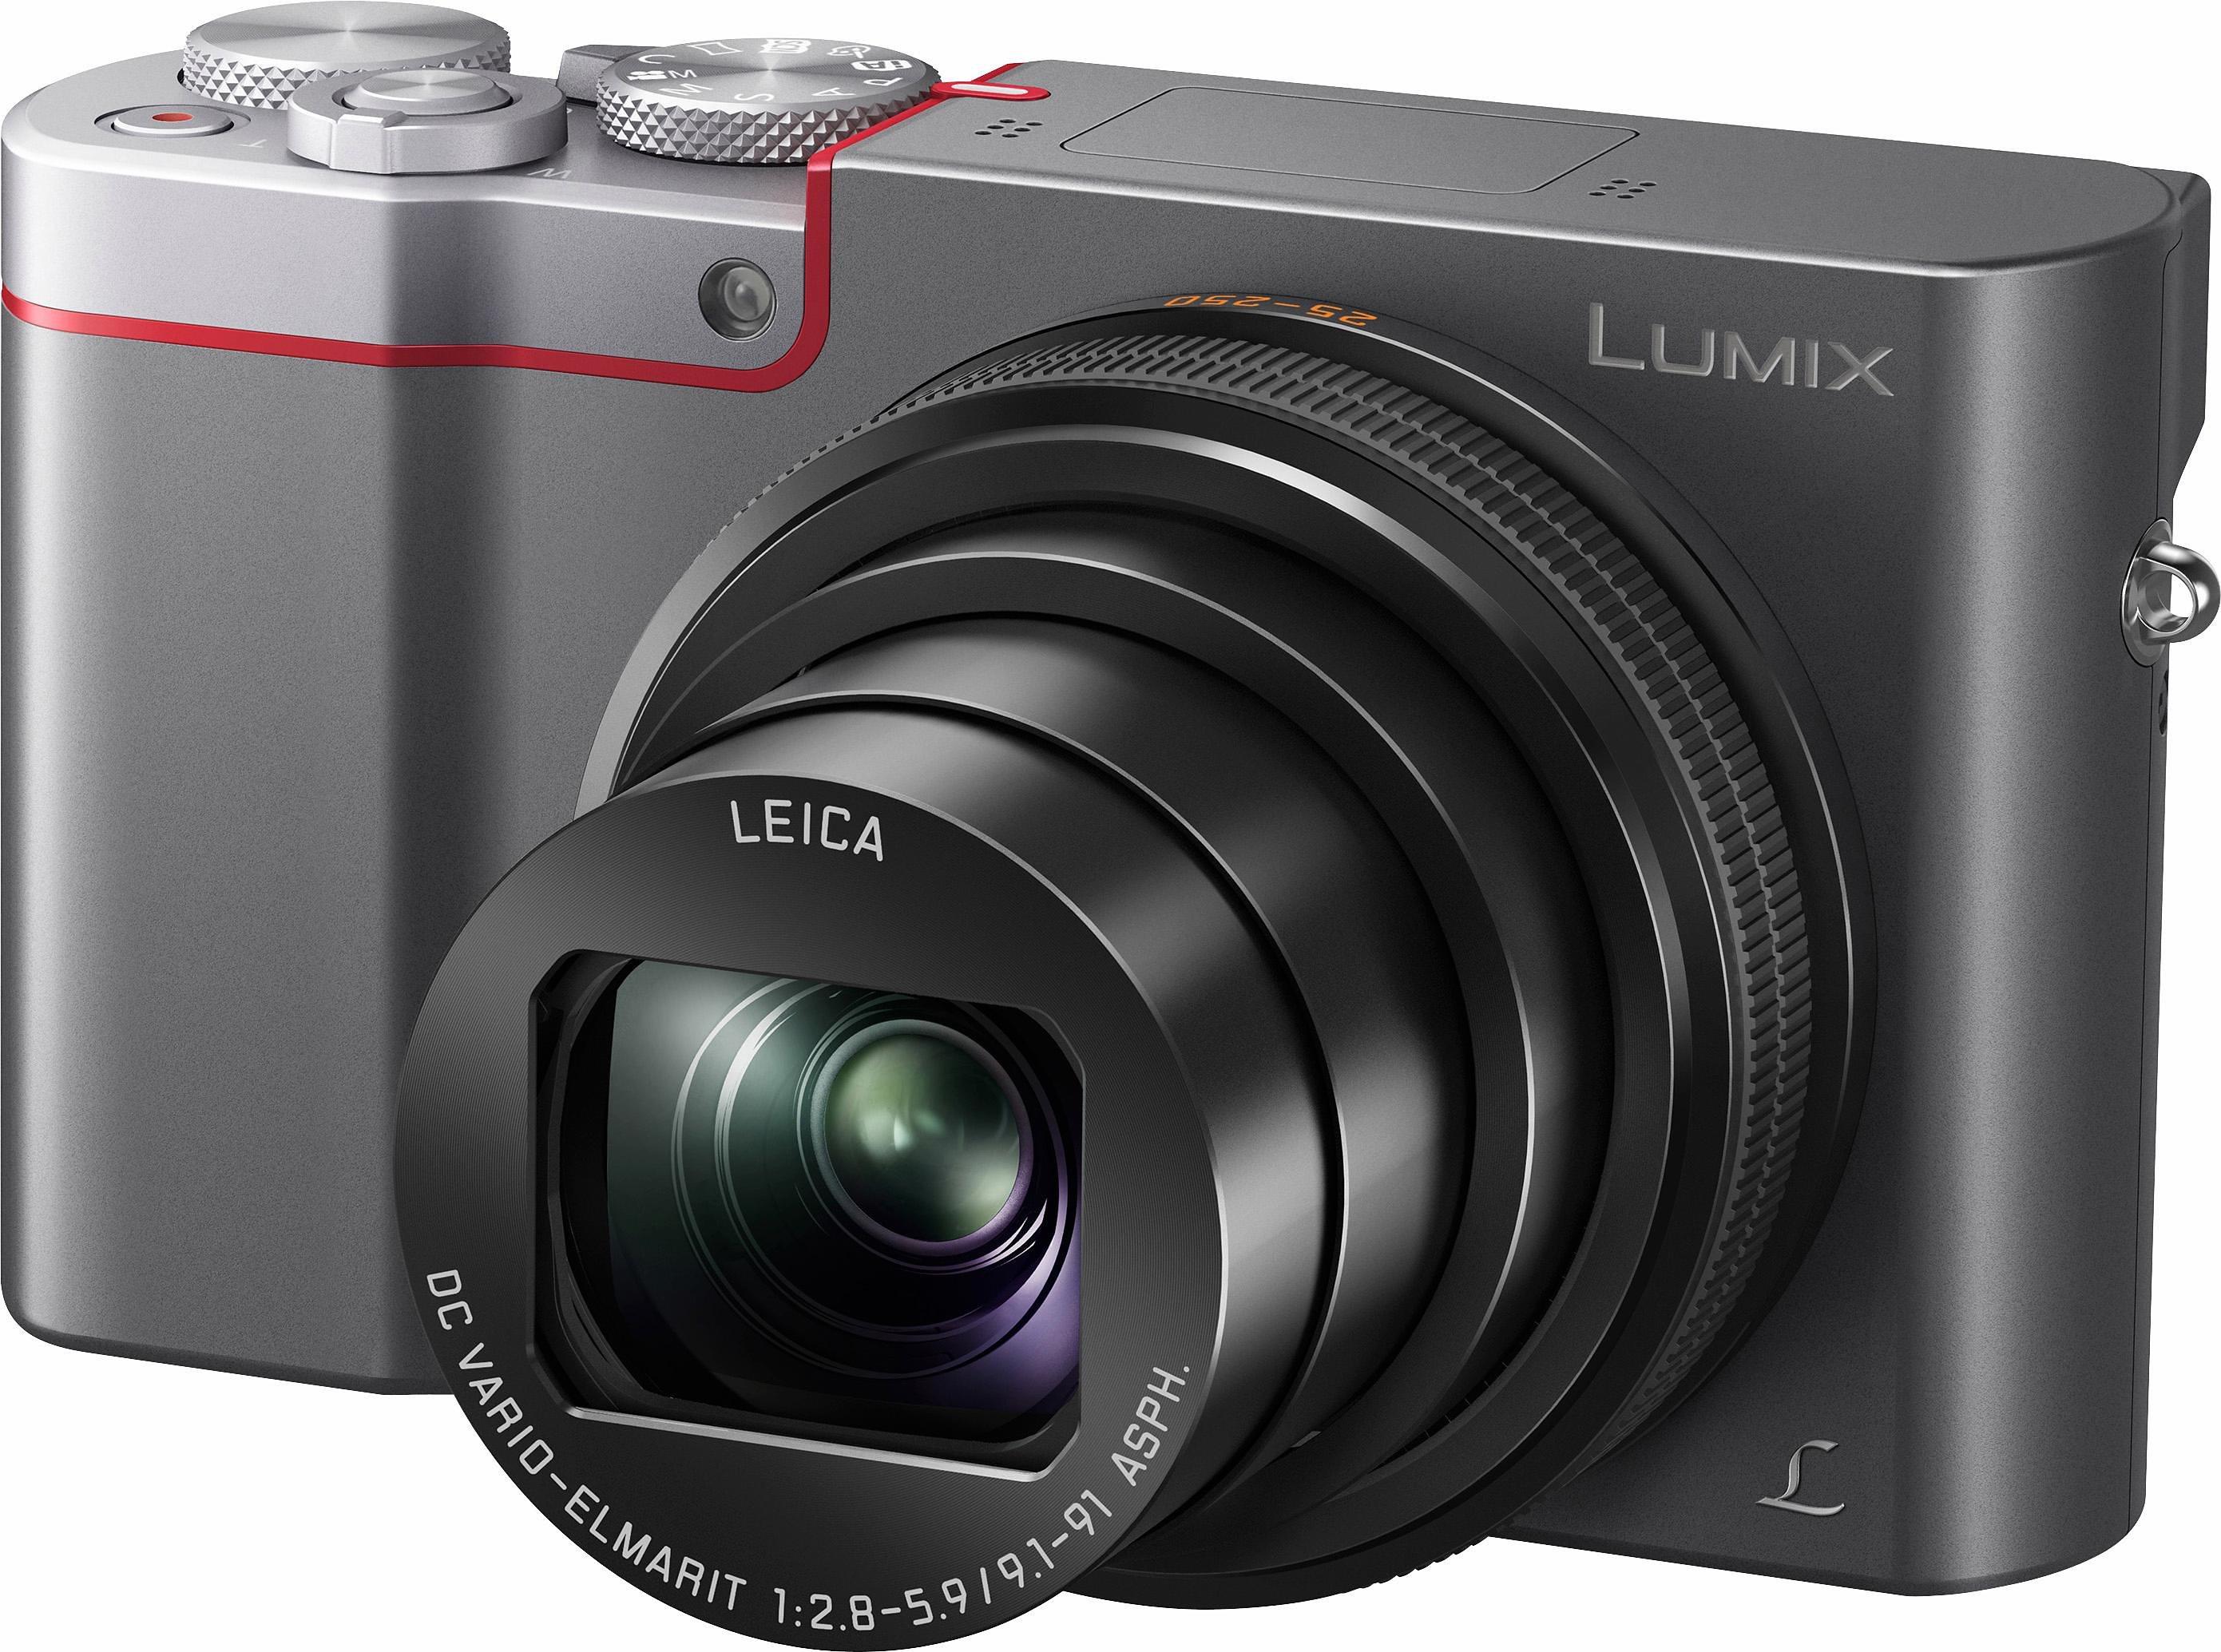 Saugschlauch 3 Zoll Preisvergleich Die Besten Angebote Online Kaufen Fujifilm Mirrorless Camera X T20 1650 Bk